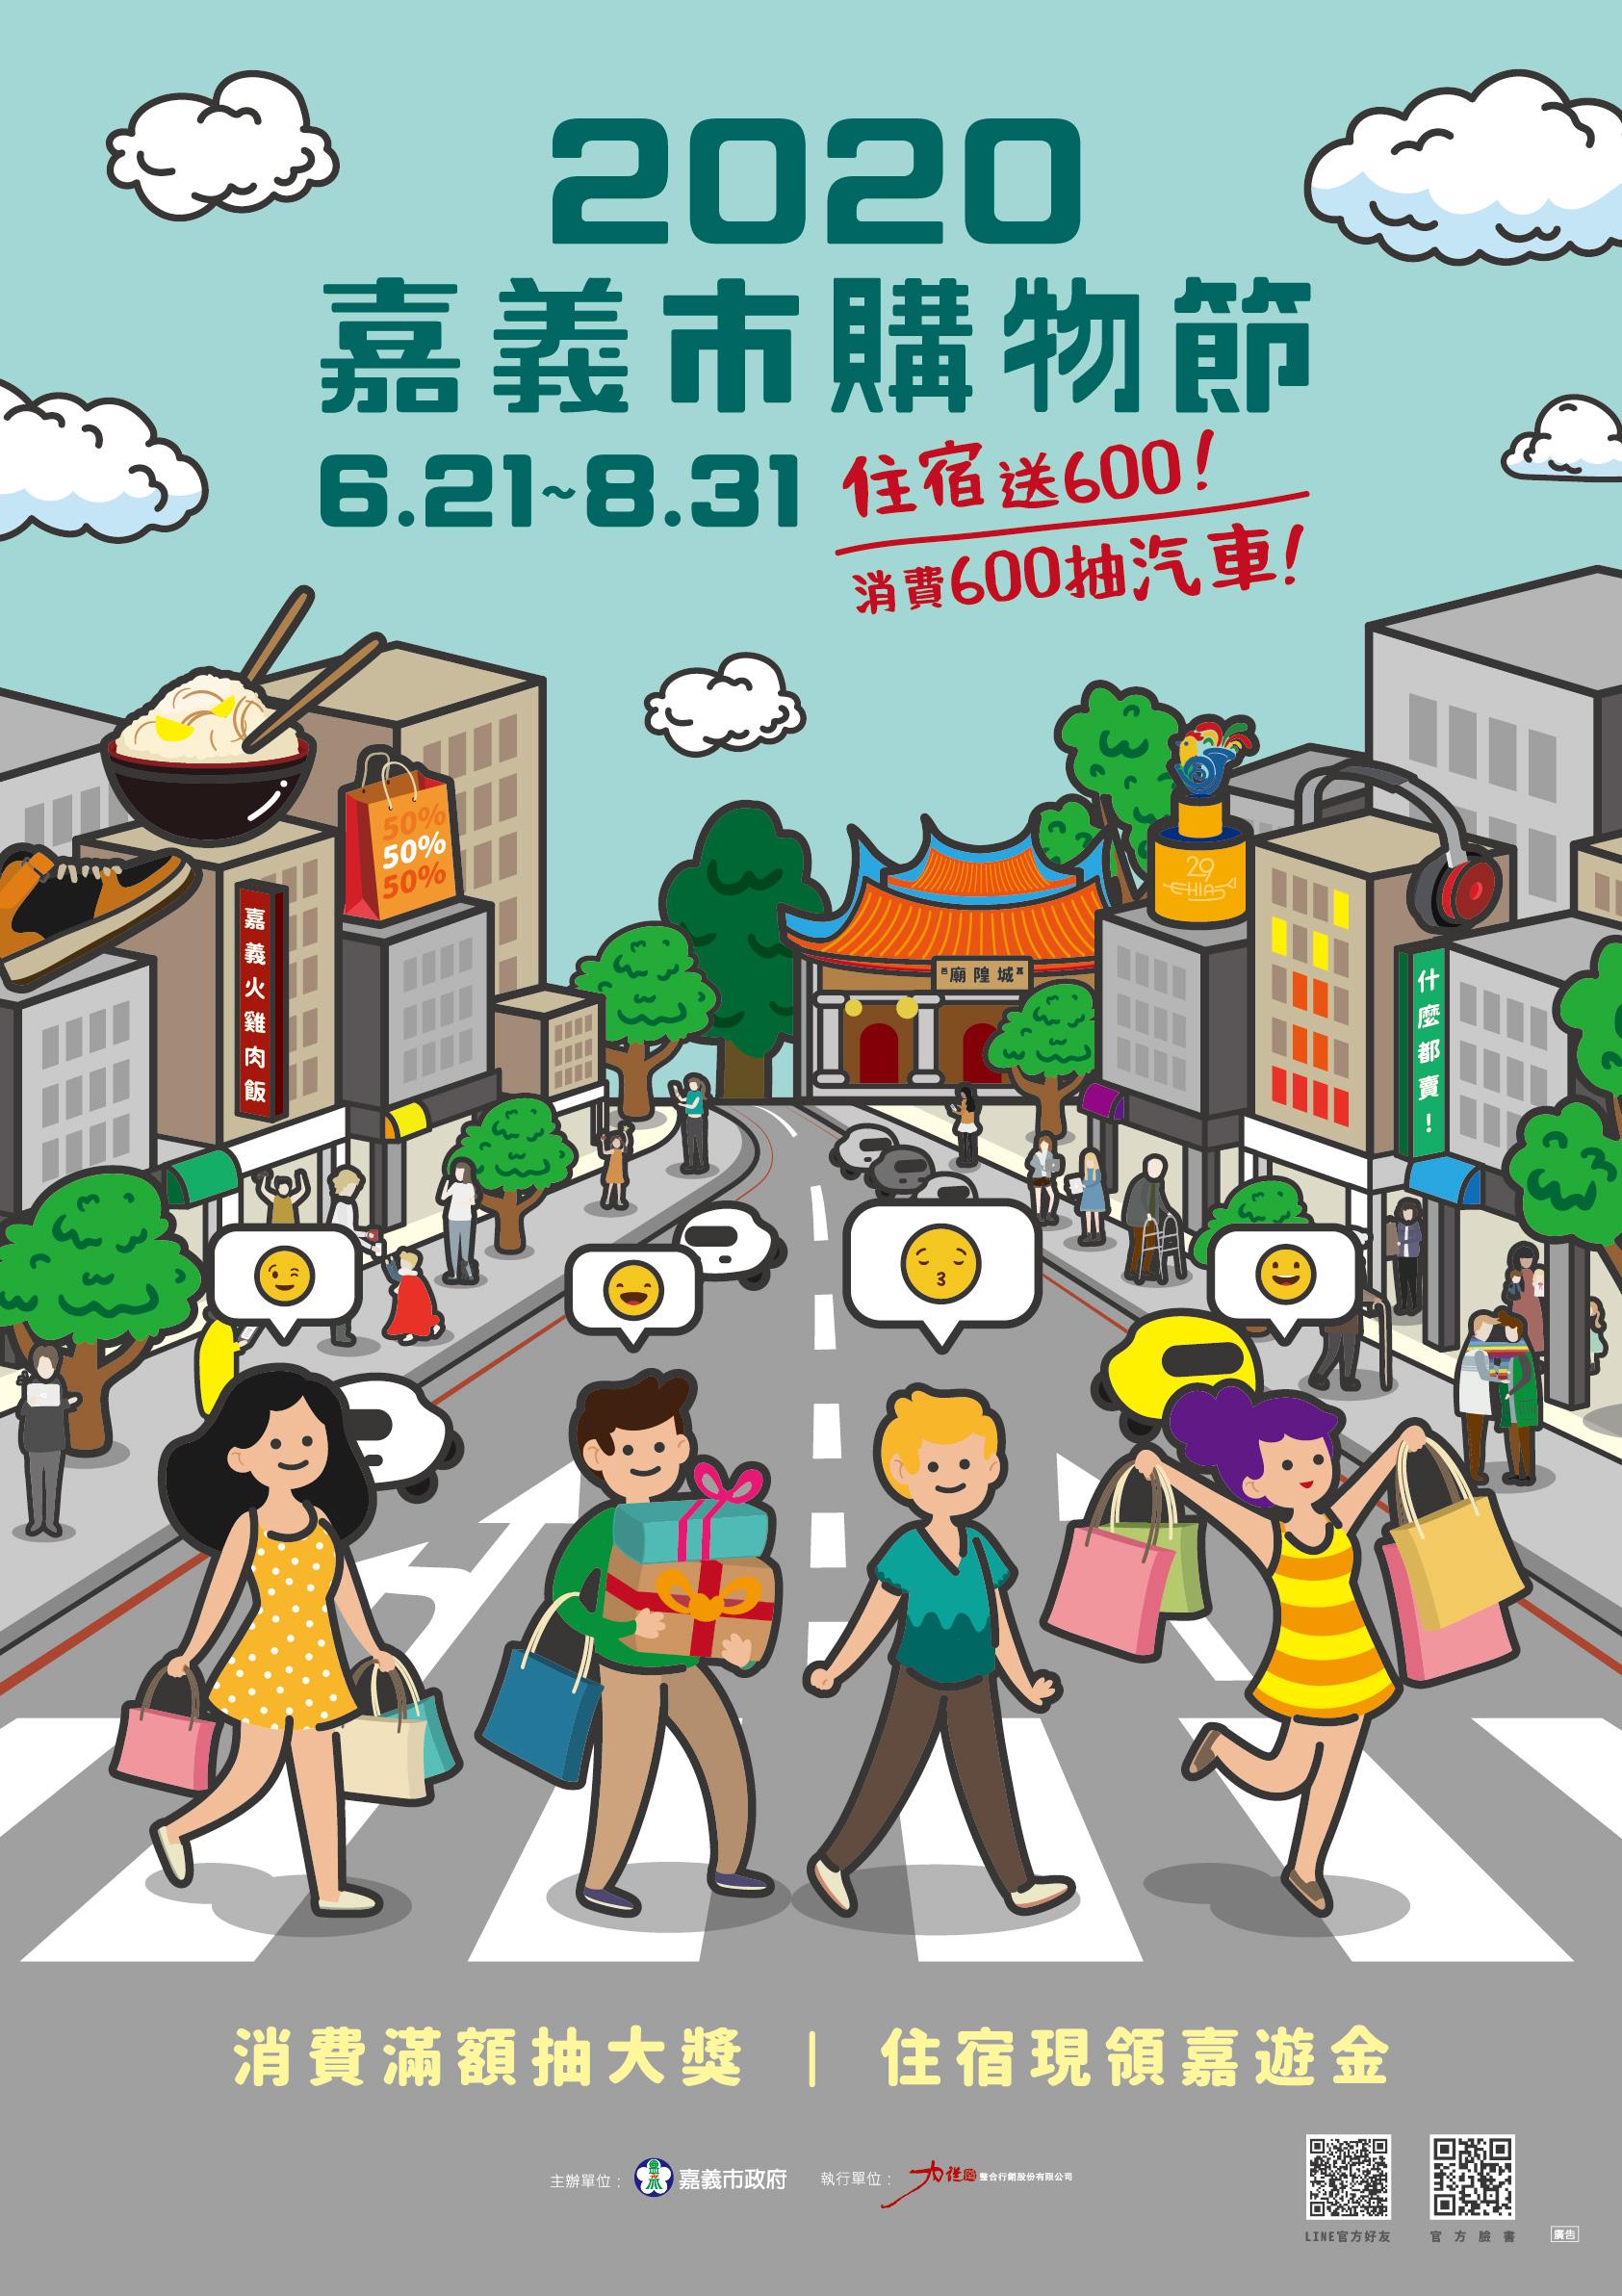 嘉義市購物節。安心旅遊省很大|消費抽汽車、住宿送嘉遊金、美食伴手禮幫你買單